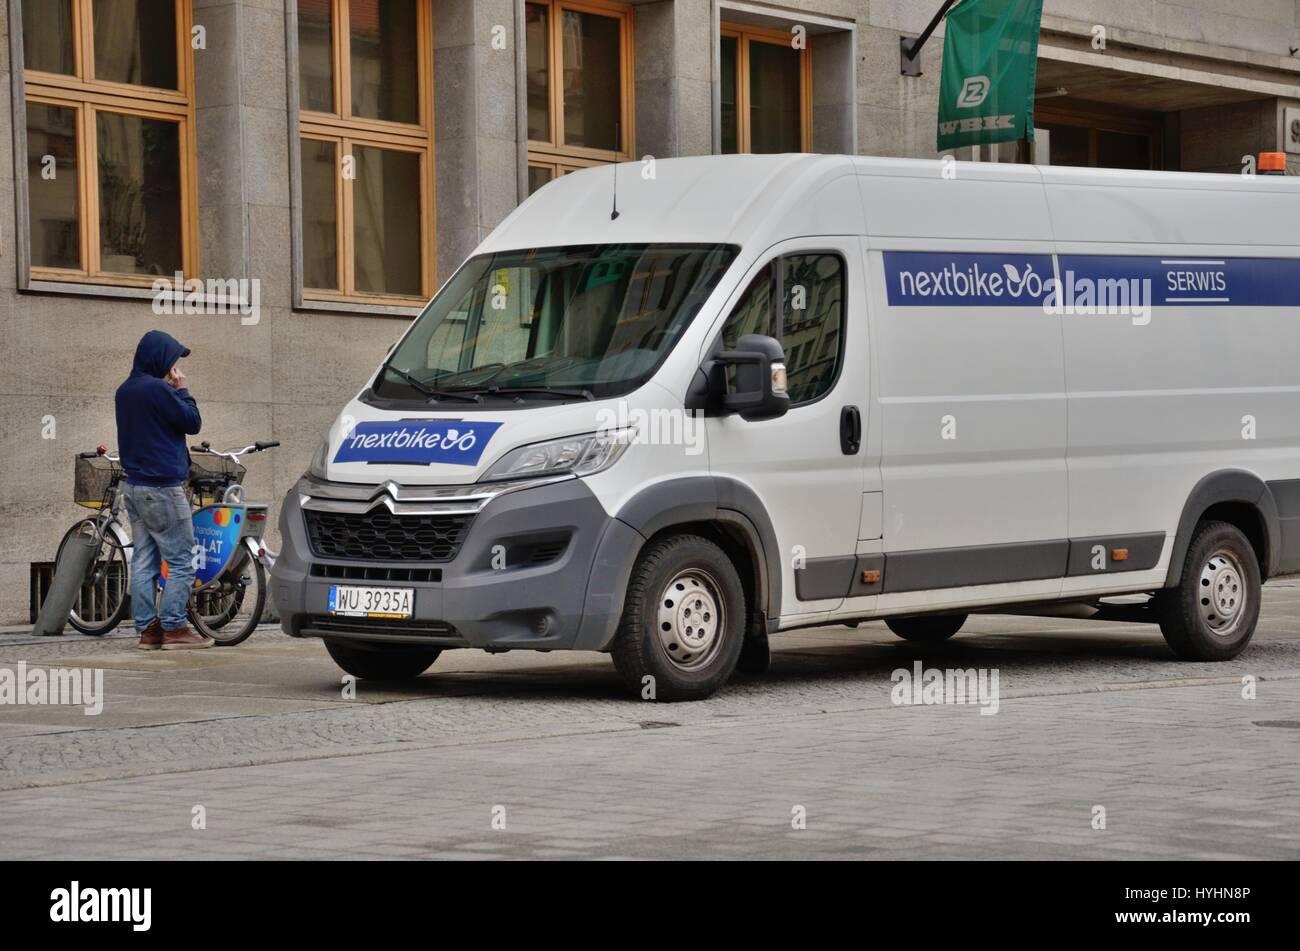 Nextbike carrello di servizio, Wroclawski Rower Miejski (WRM), Polonia Immagini Stock